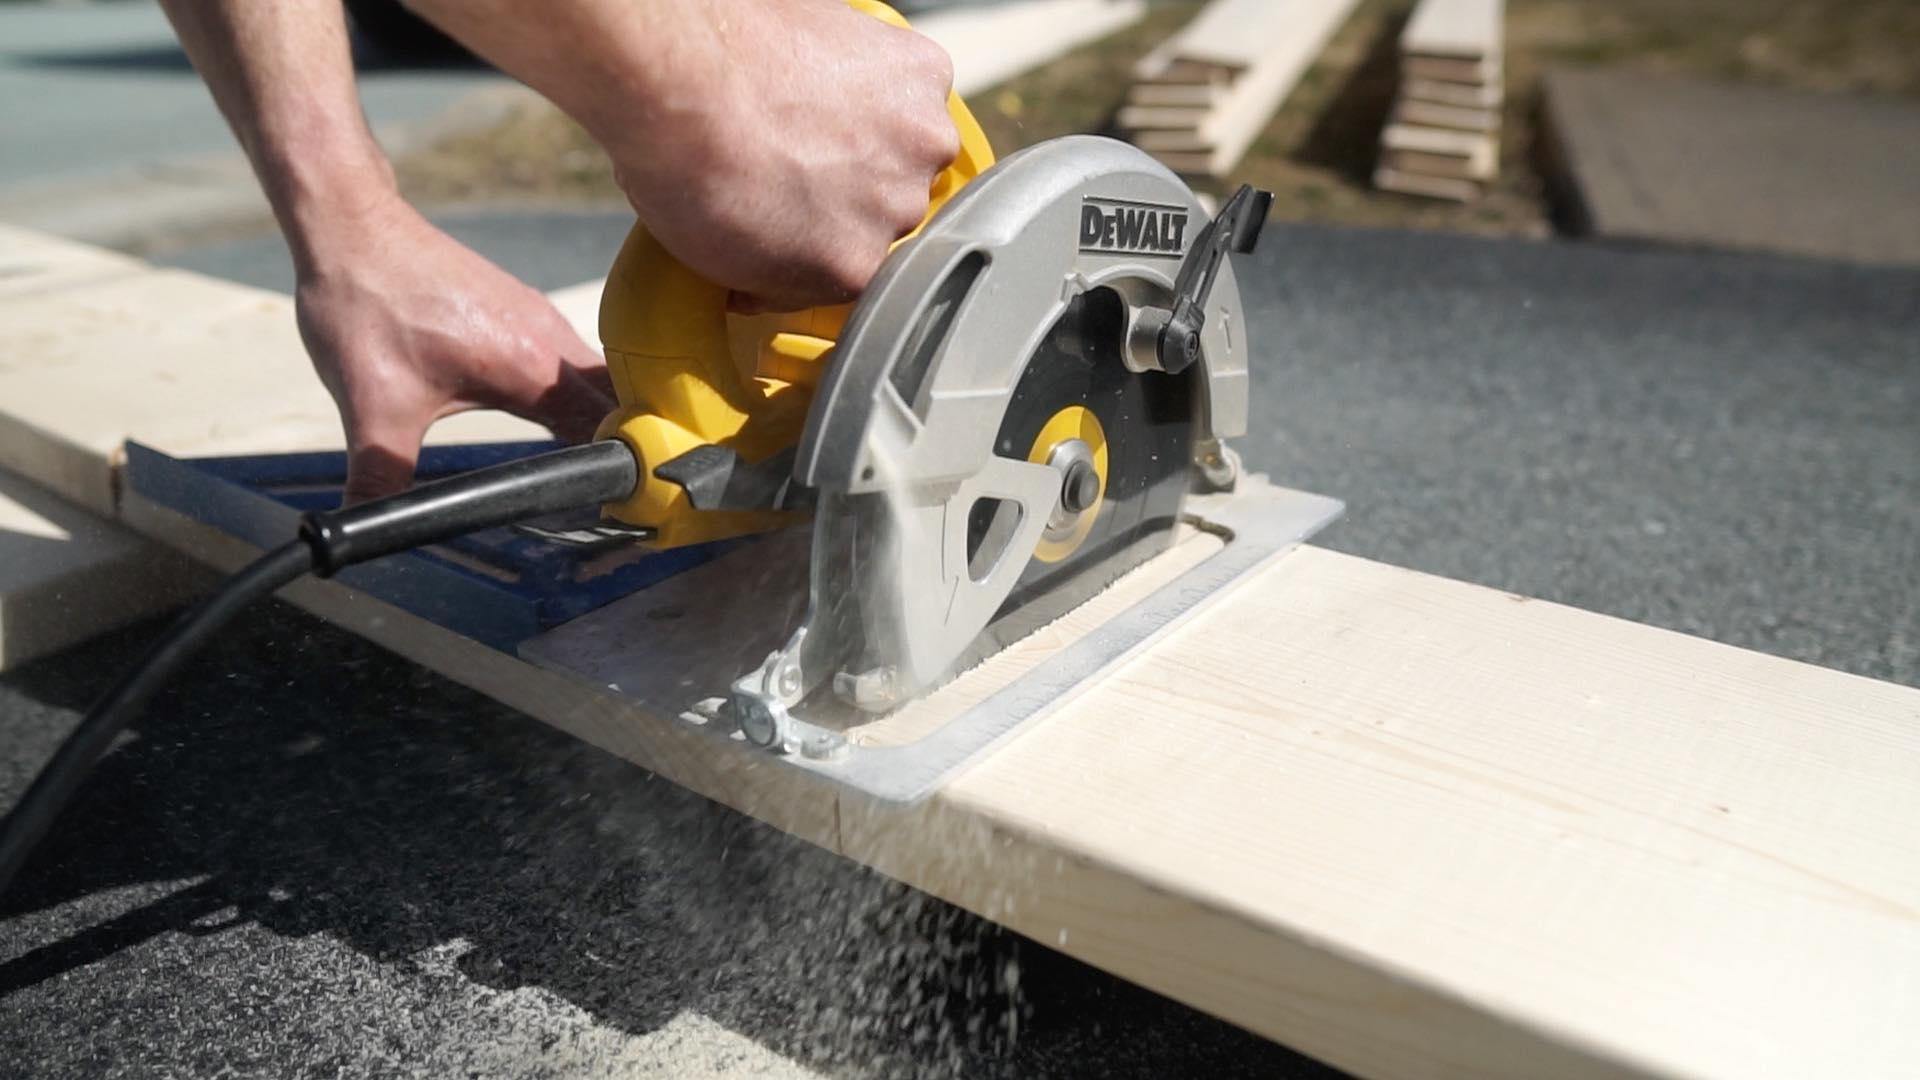 dewalt circular saw cutting wood